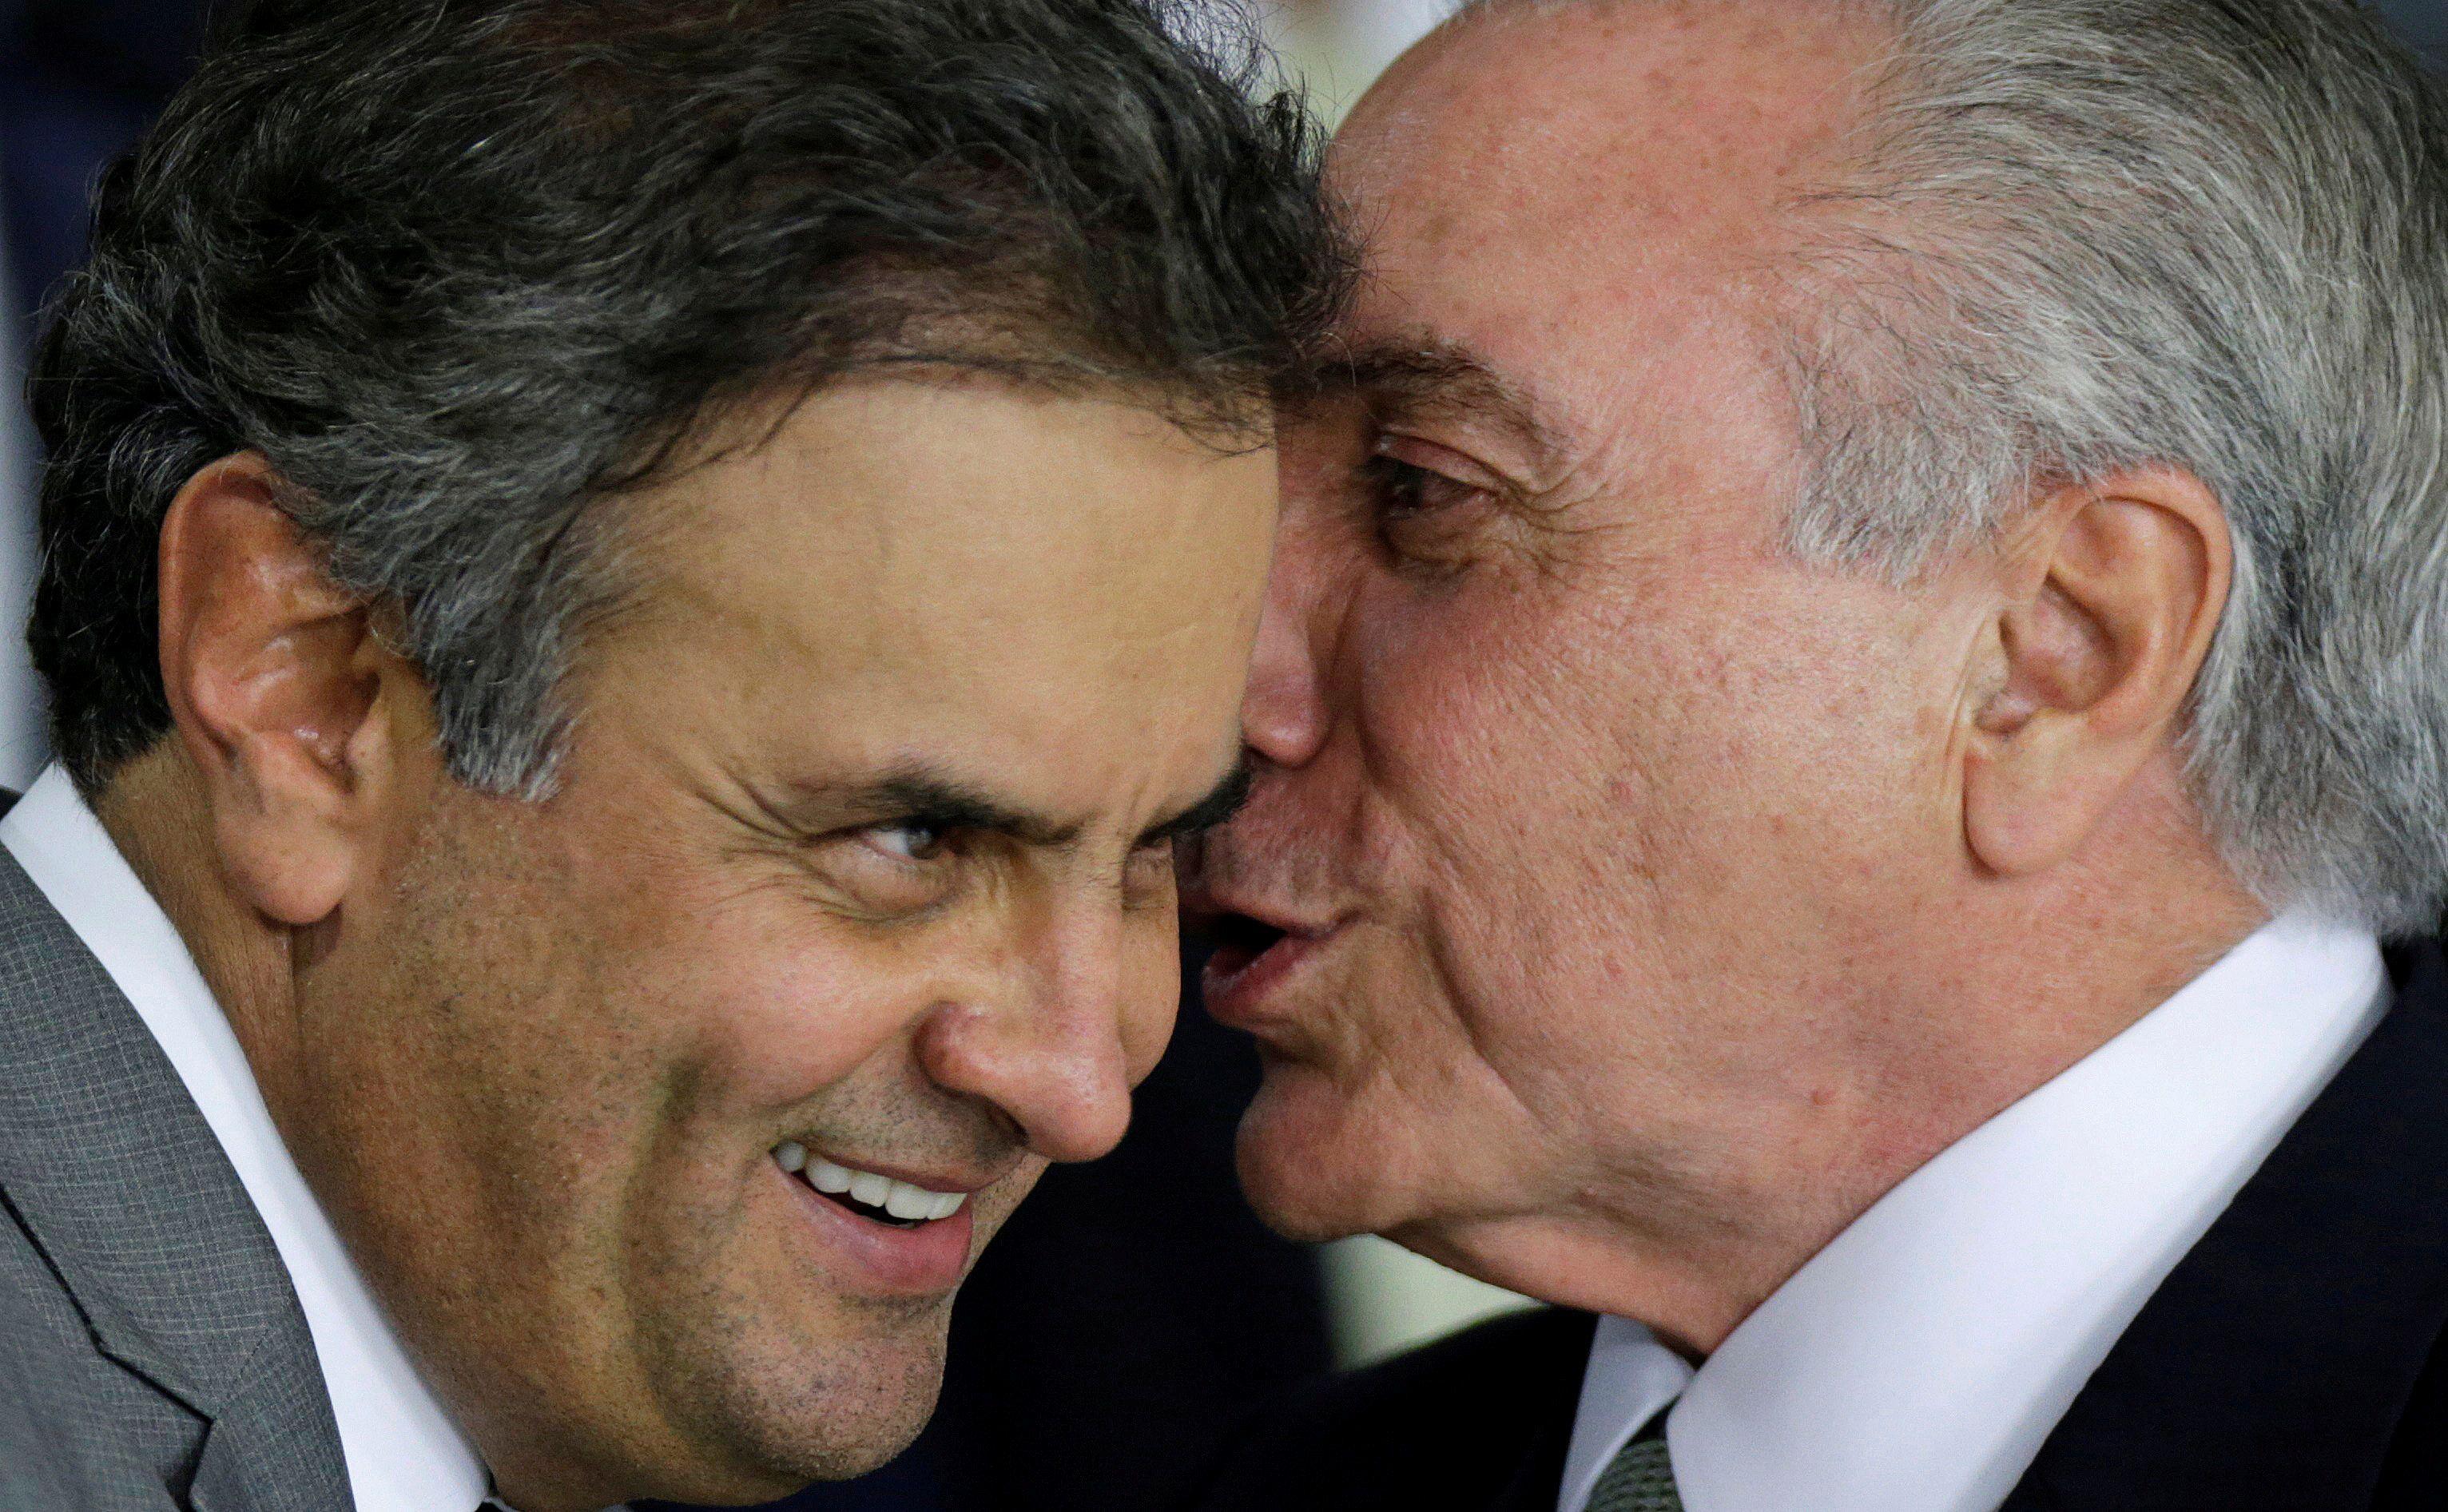 Em gravação, Aécio diz que o presidente iria 'amarelar' na hora de sancionar o projeto que pune o abuso de autoridade / Ueslei Marcelino/Reuters